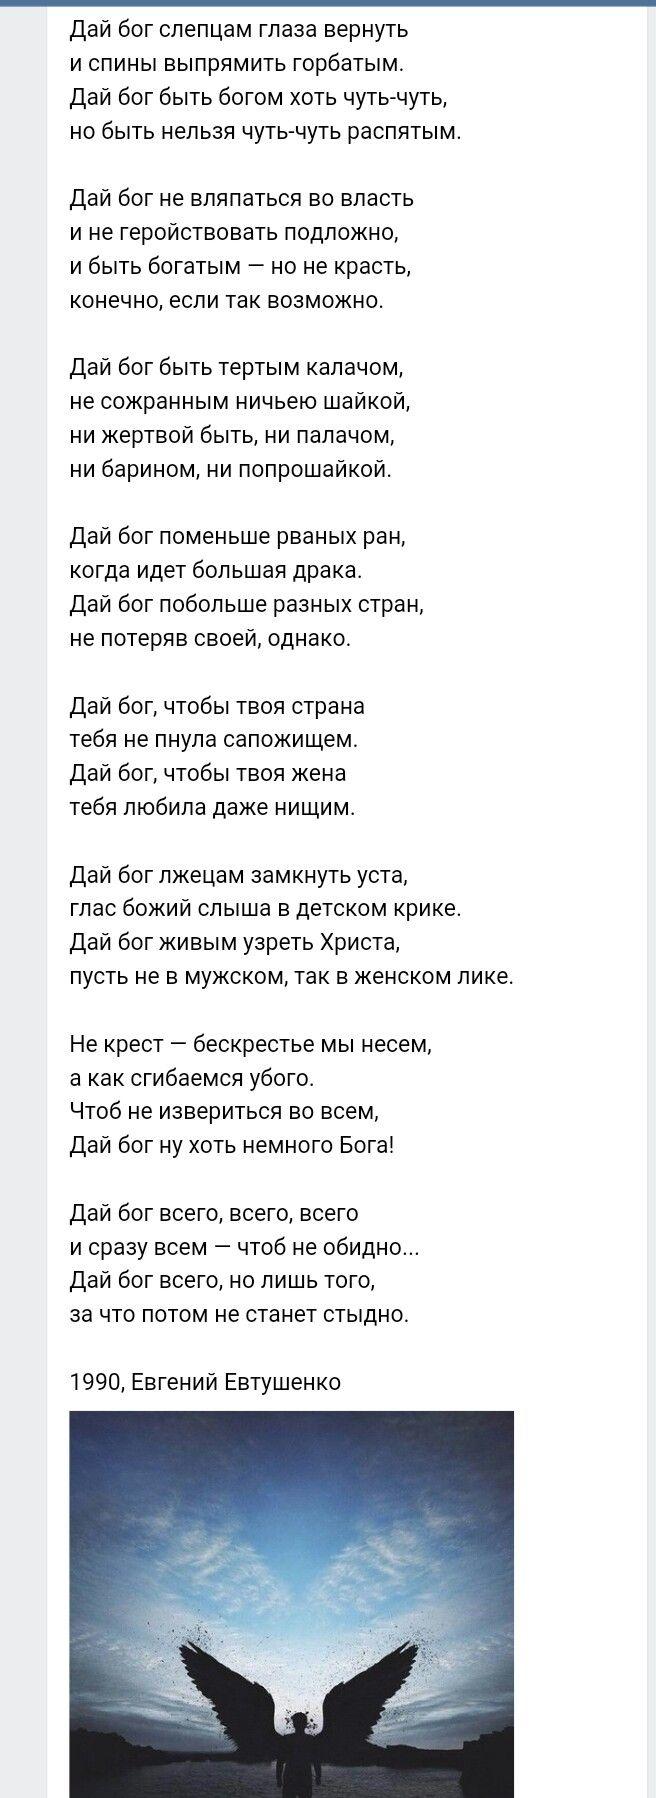 Evtushenko Vdohnovlyayushie Vyskazyvaniya Stihotvorenie Citaty